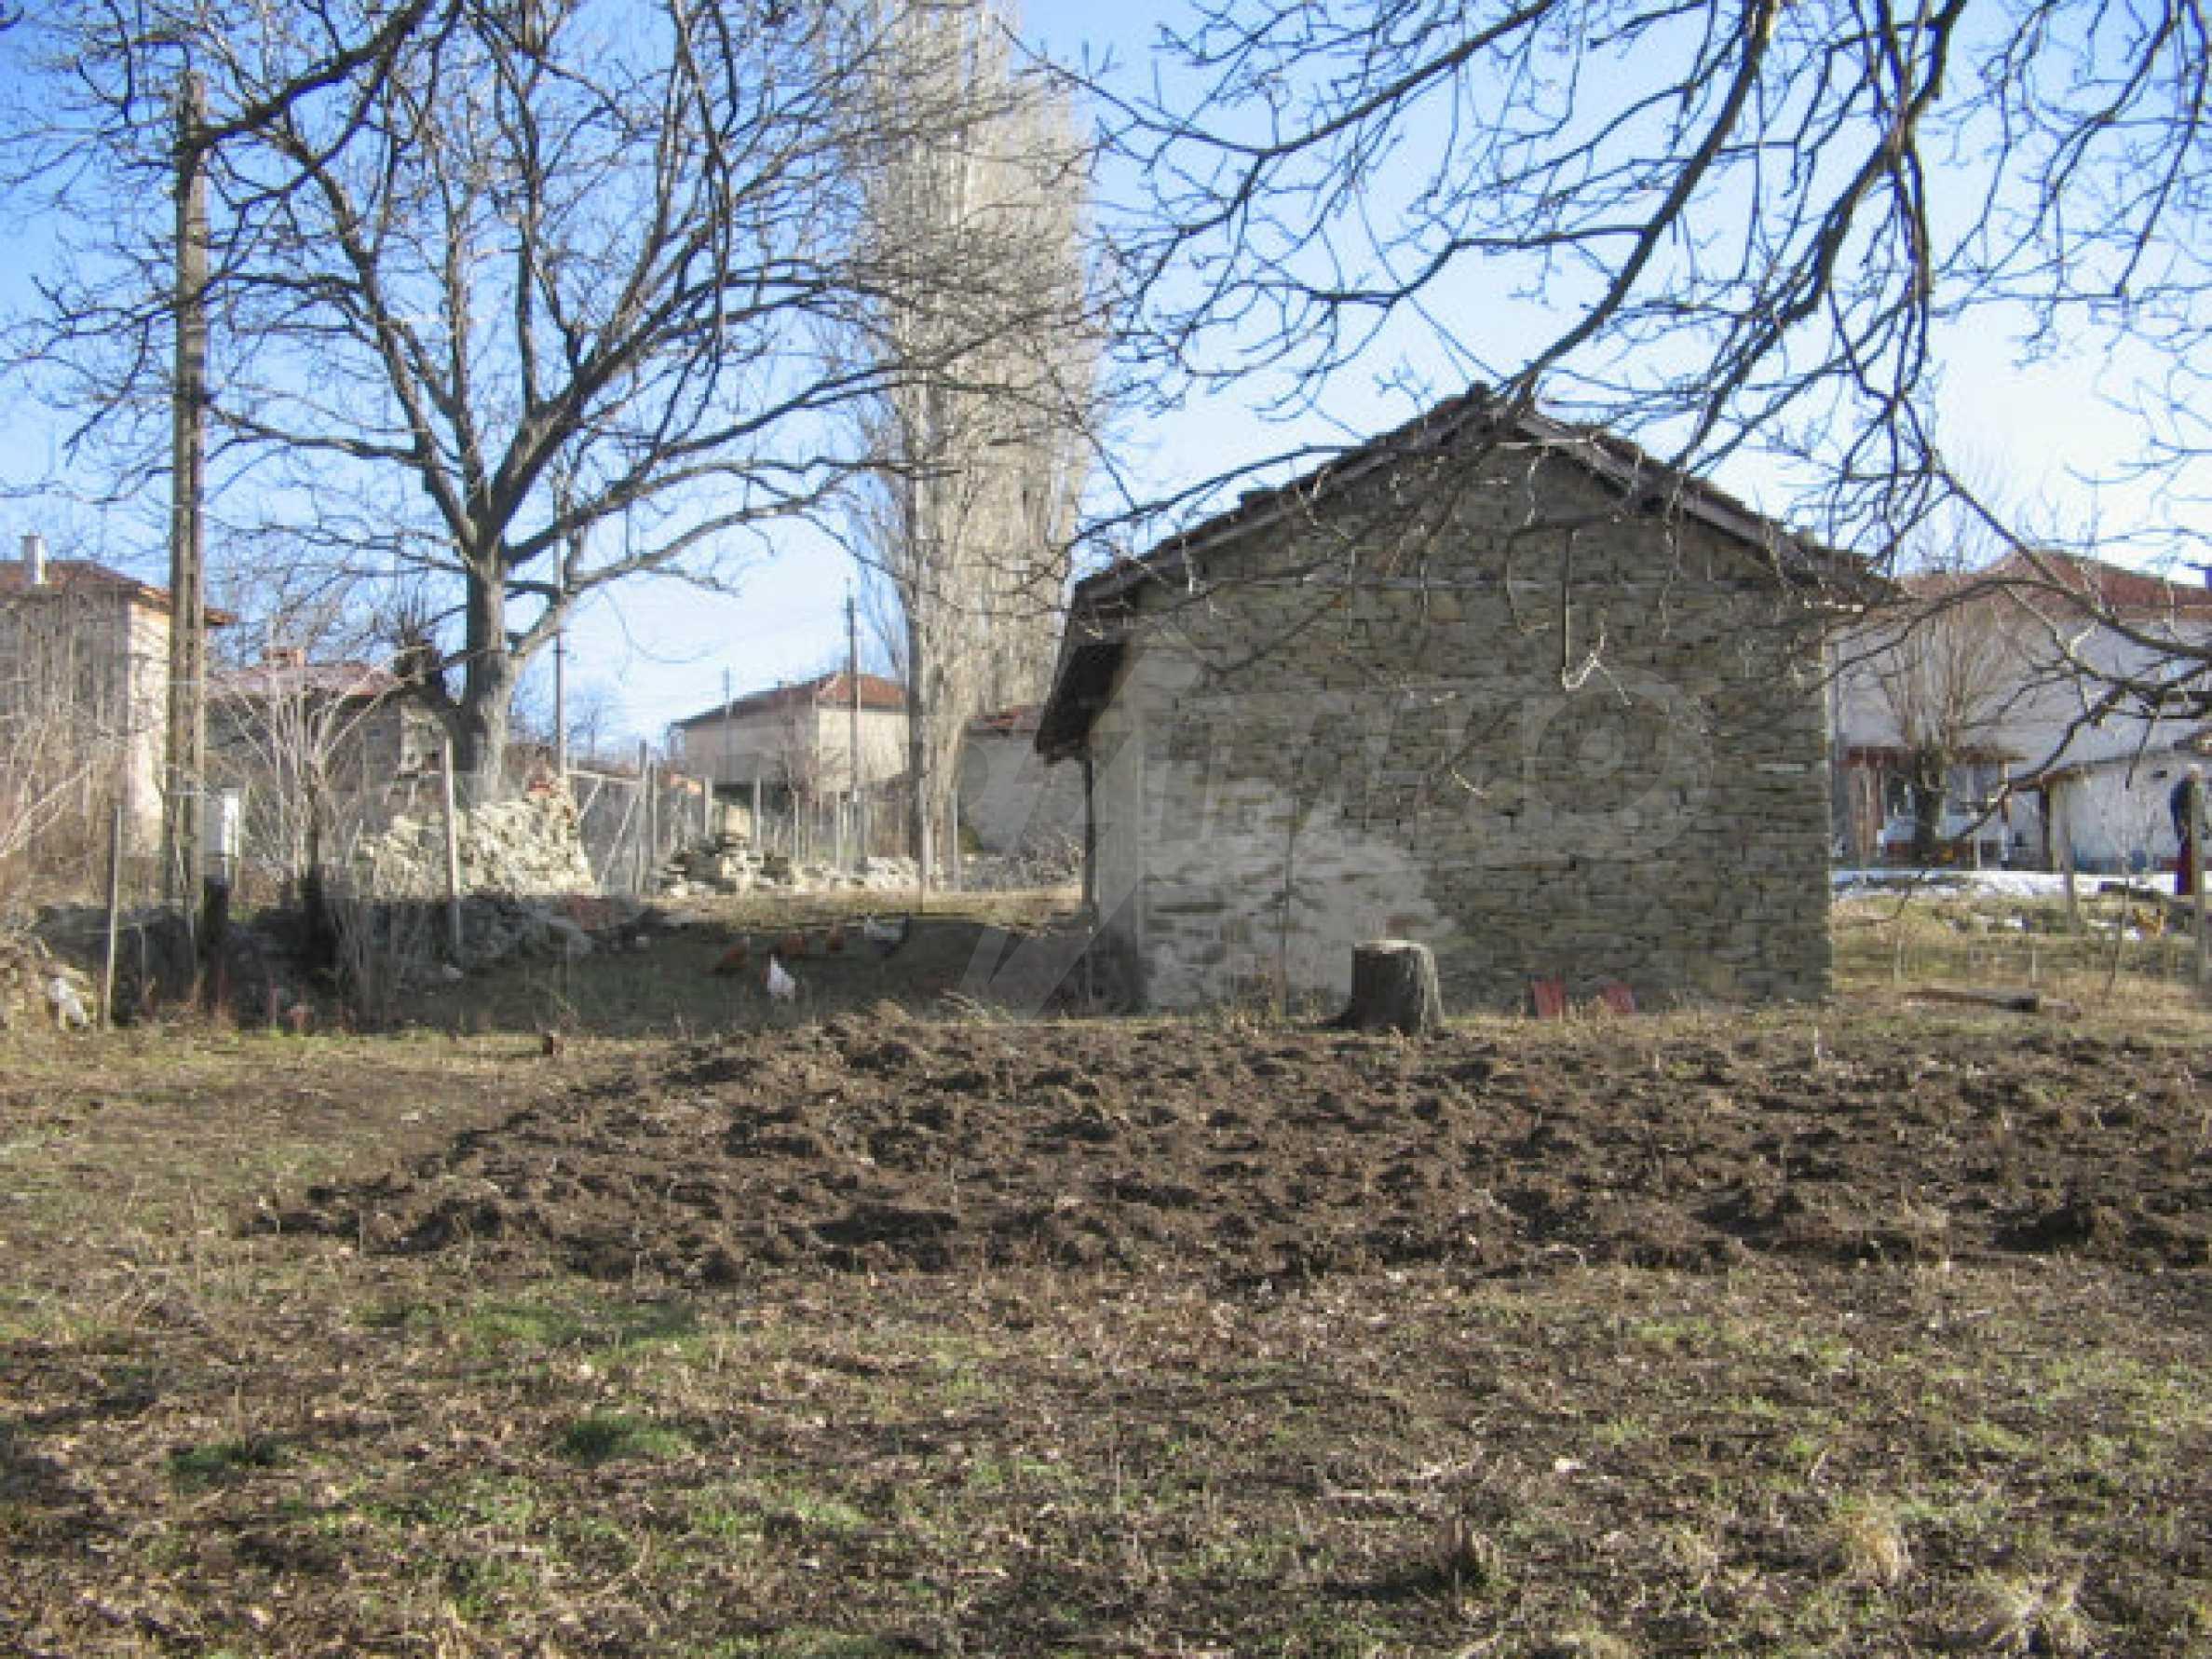 Ein Grundstück zum Verkauf in einem Dorf 32 km von Kardjali entfernt 6